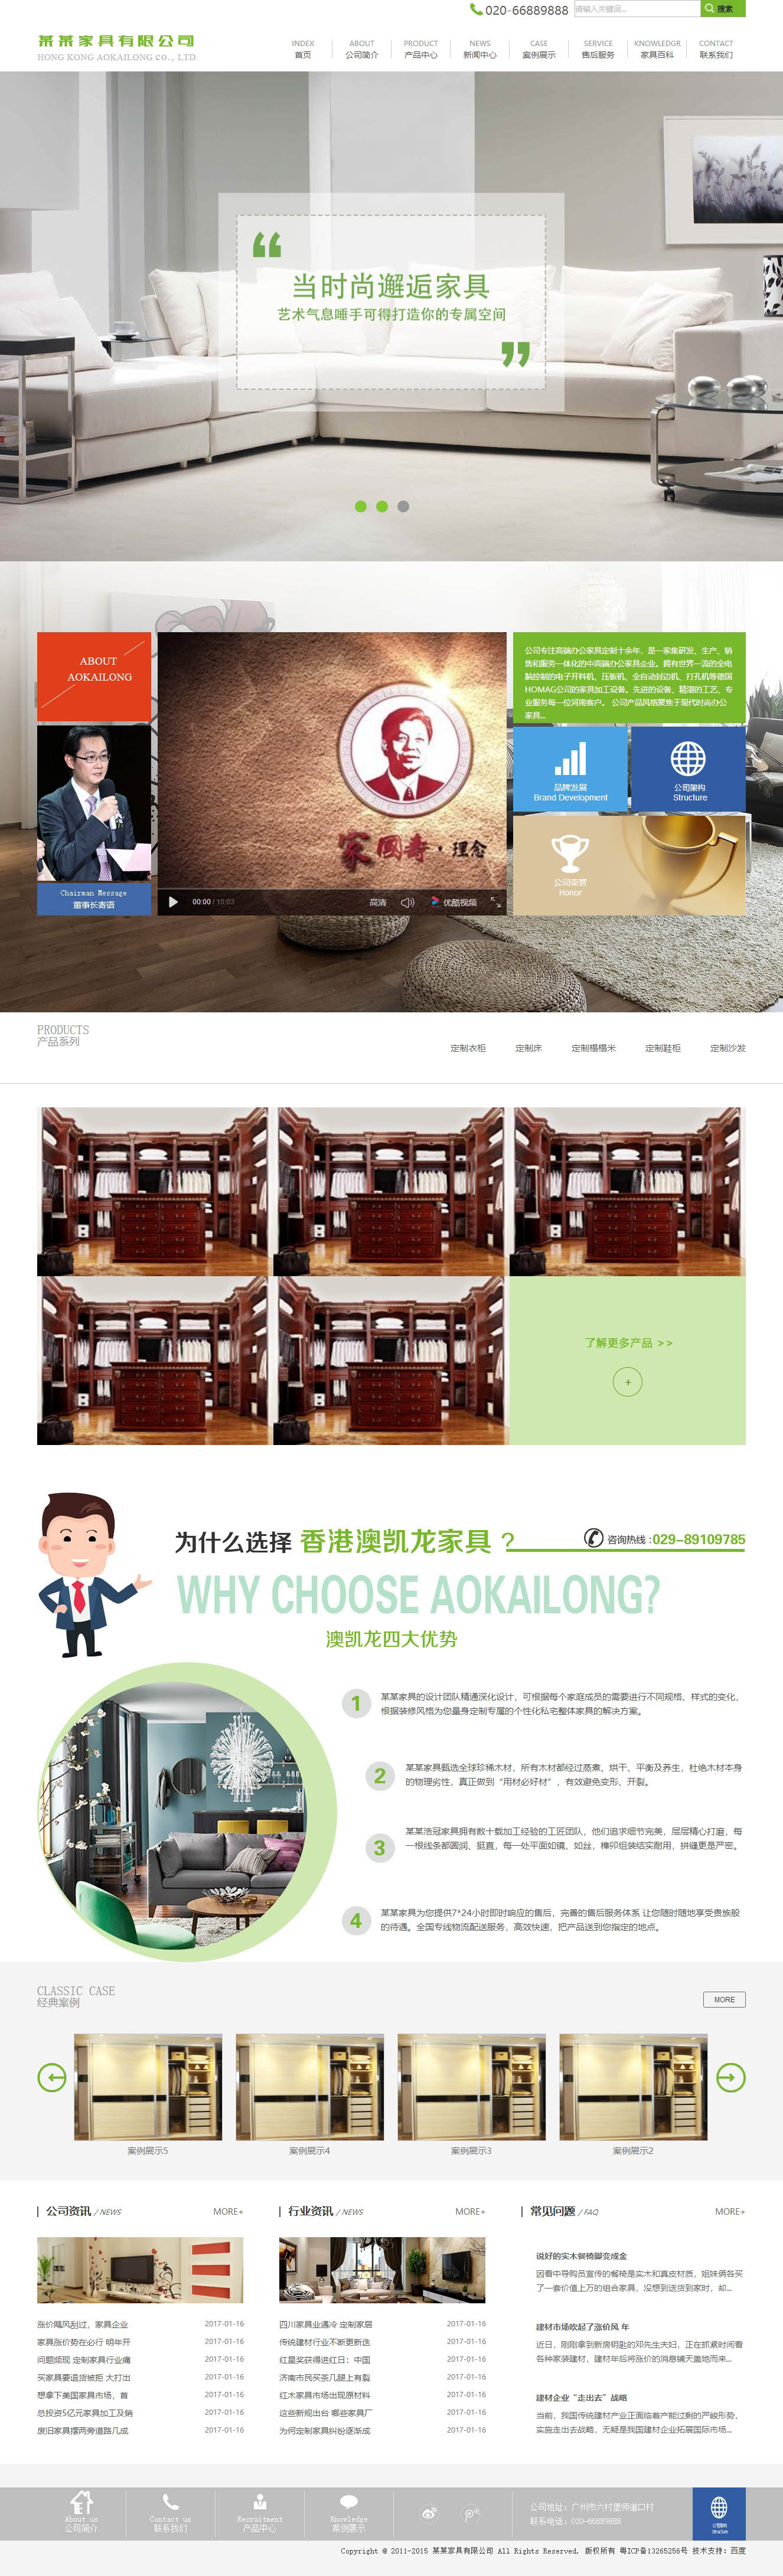 营销型家居厨房家具类网站织梦dedecms模板(带手机端)